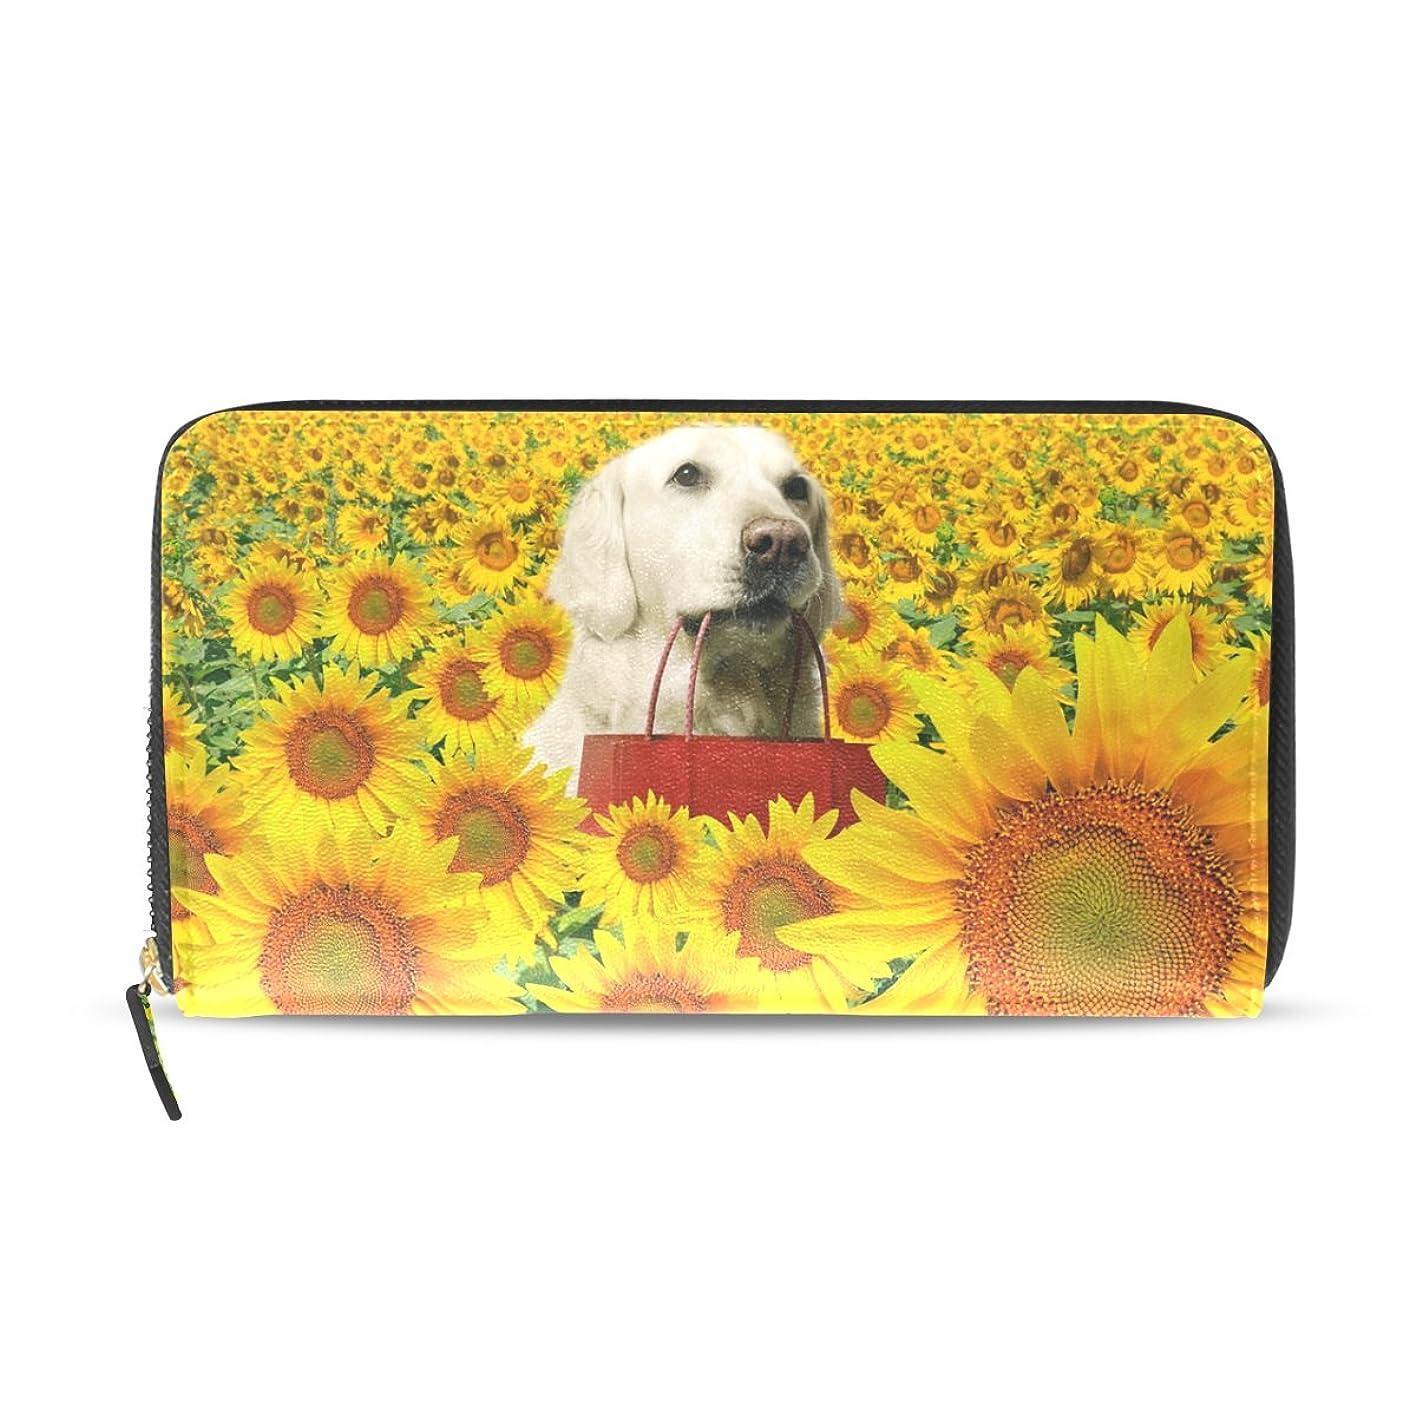 習熟度竜巻フォーラムAOMOKI 財布 レディース 長財布 大容量 PUレザー 幅20*丈11cm ひまわり 犬